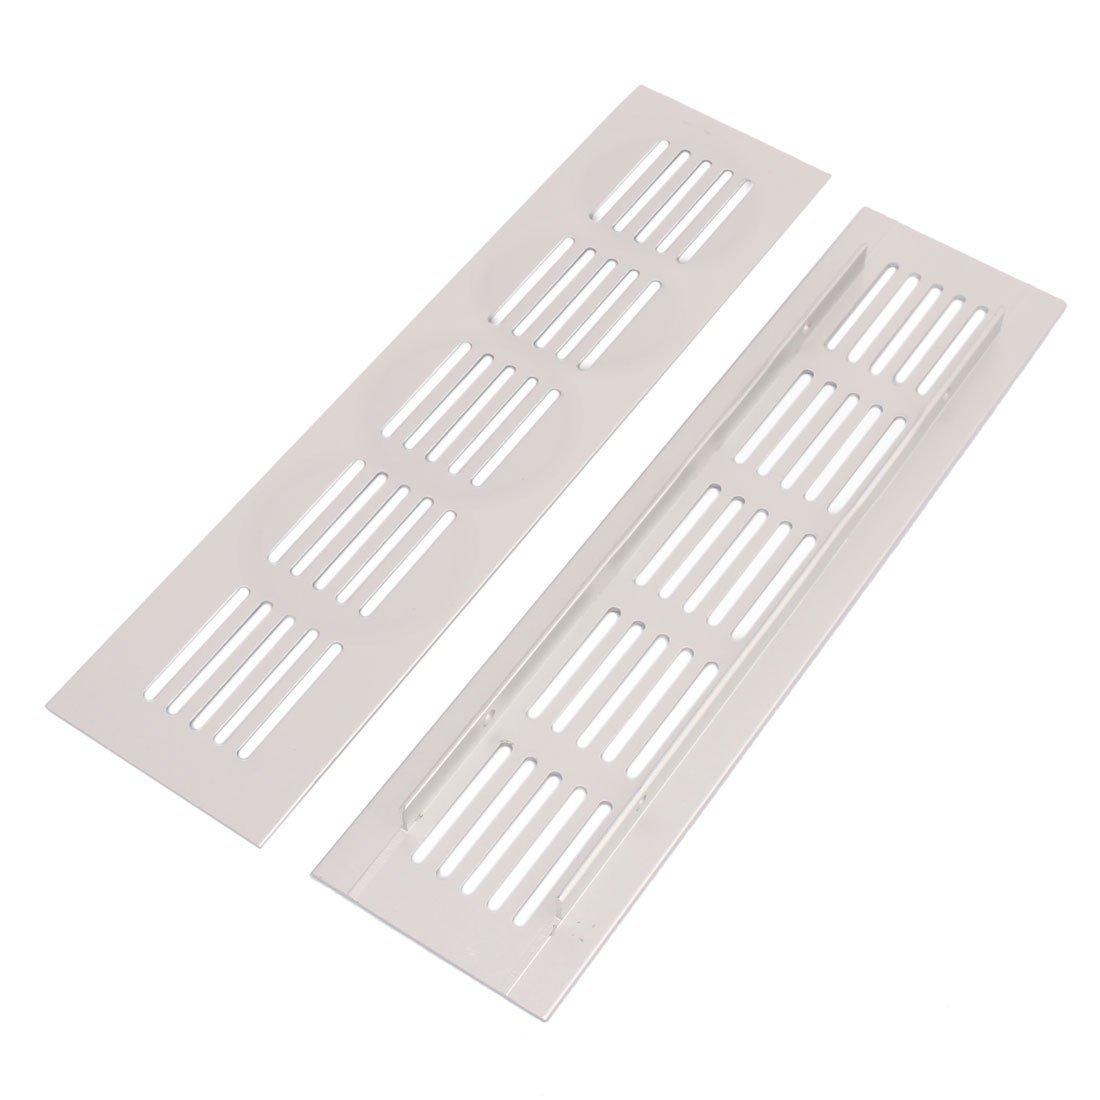 eDealMax Armario gabinete 200mmx50mmx9mm aleación de aluminio Salida de aire Rejilla de ventilación 10pcs - - Amazon.com